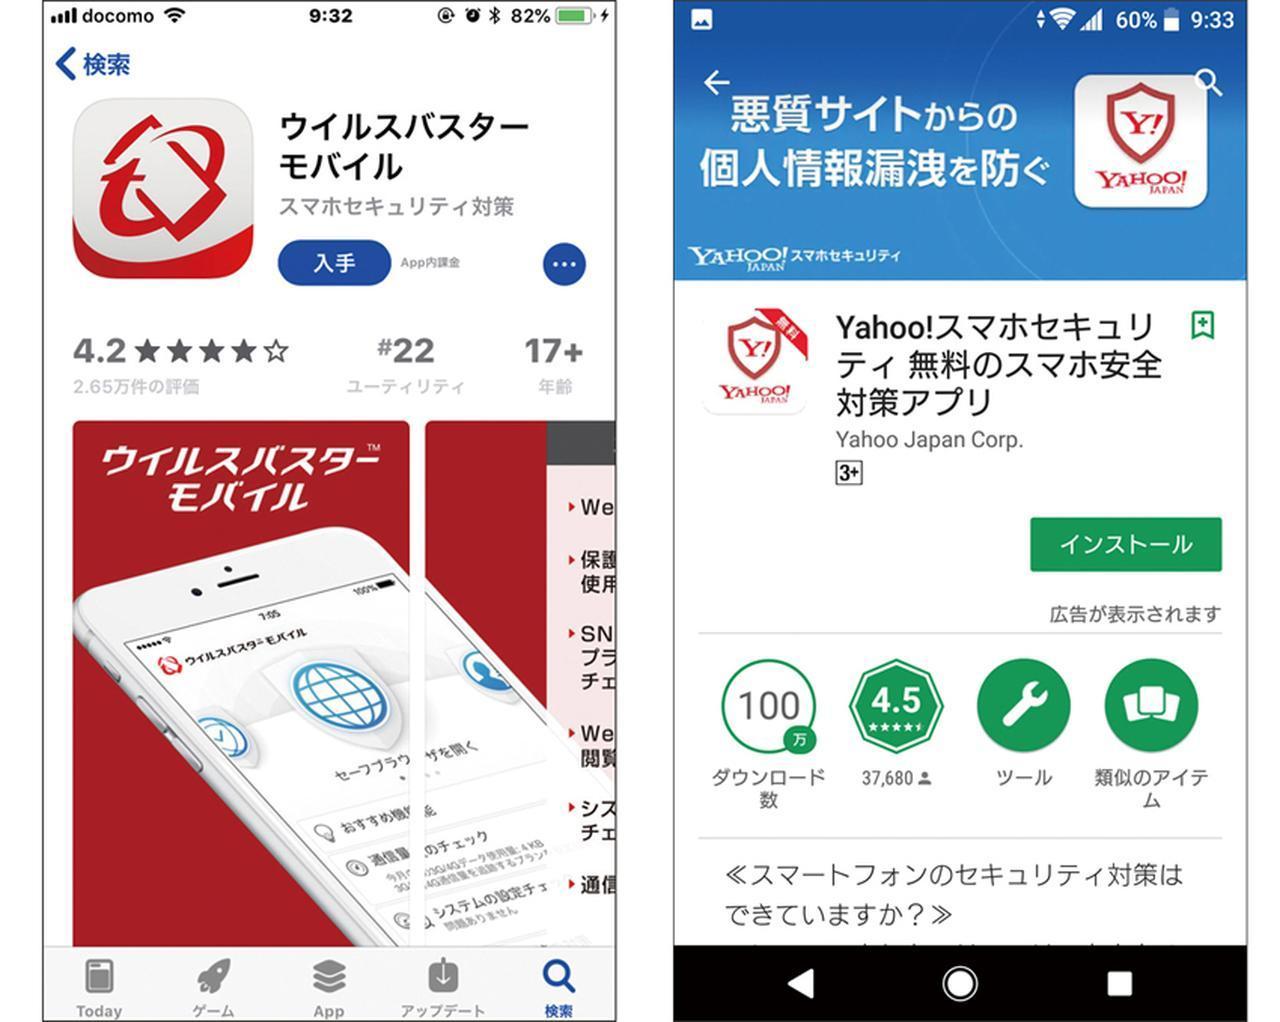 画像: 「ウイルスバスターモバイル」や、「Yahoo!スマホセキュリティ」など、iPhoneにはフィッシング対策、Androidにはウイルス対策ができるセキュリティアプリが効果的。画面左がiPhone、右がAndroid。